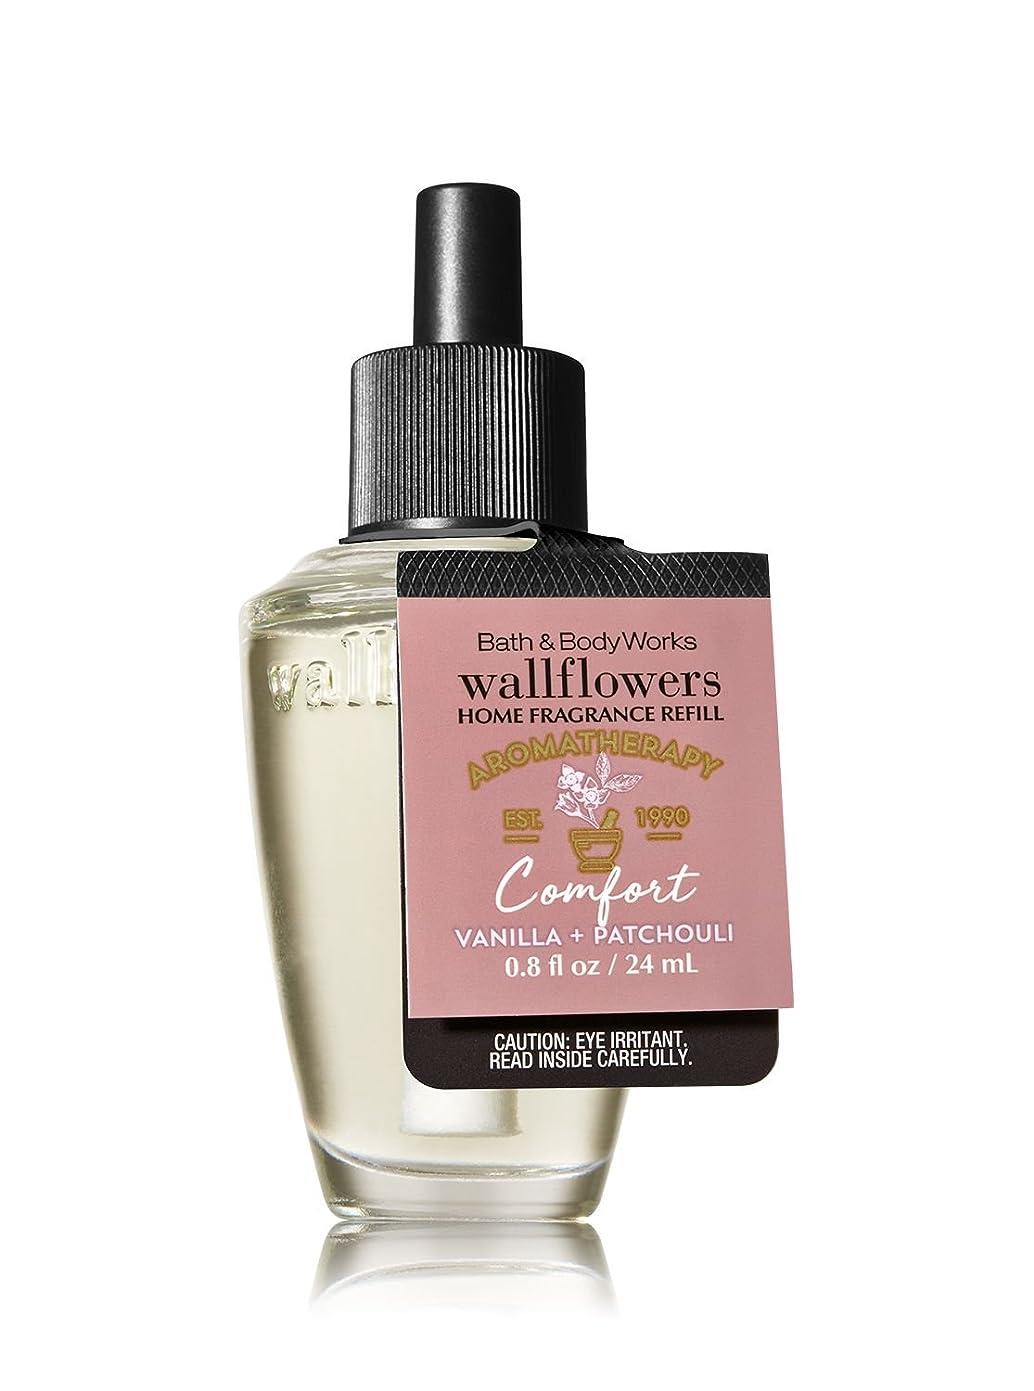 麻酔薬下る壮大な【Bath&Body Works/バス&ボディワークス】 ルームフレグランス 詰替えリフィル アロマセラピー コンフォート バニラパチョリ Wallflowers Home Fragrance Refill Aromatherapy Comfort Vanilla & Patchouli [並行輸入品]